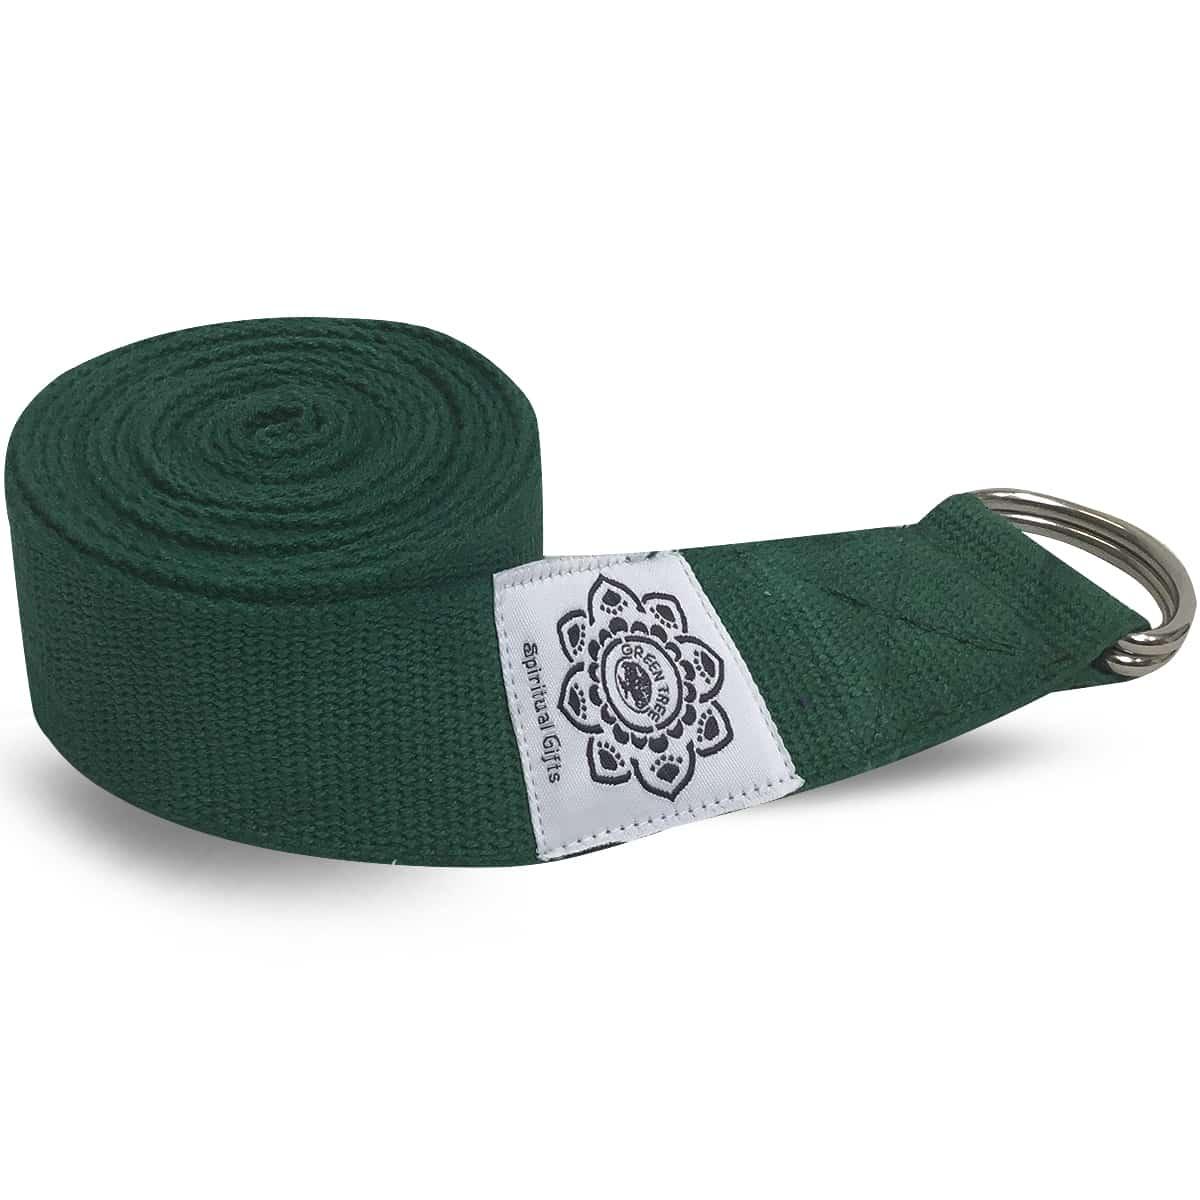 Spiru Katoenen Yoga Riem Groen met D-Ring - 270 cm